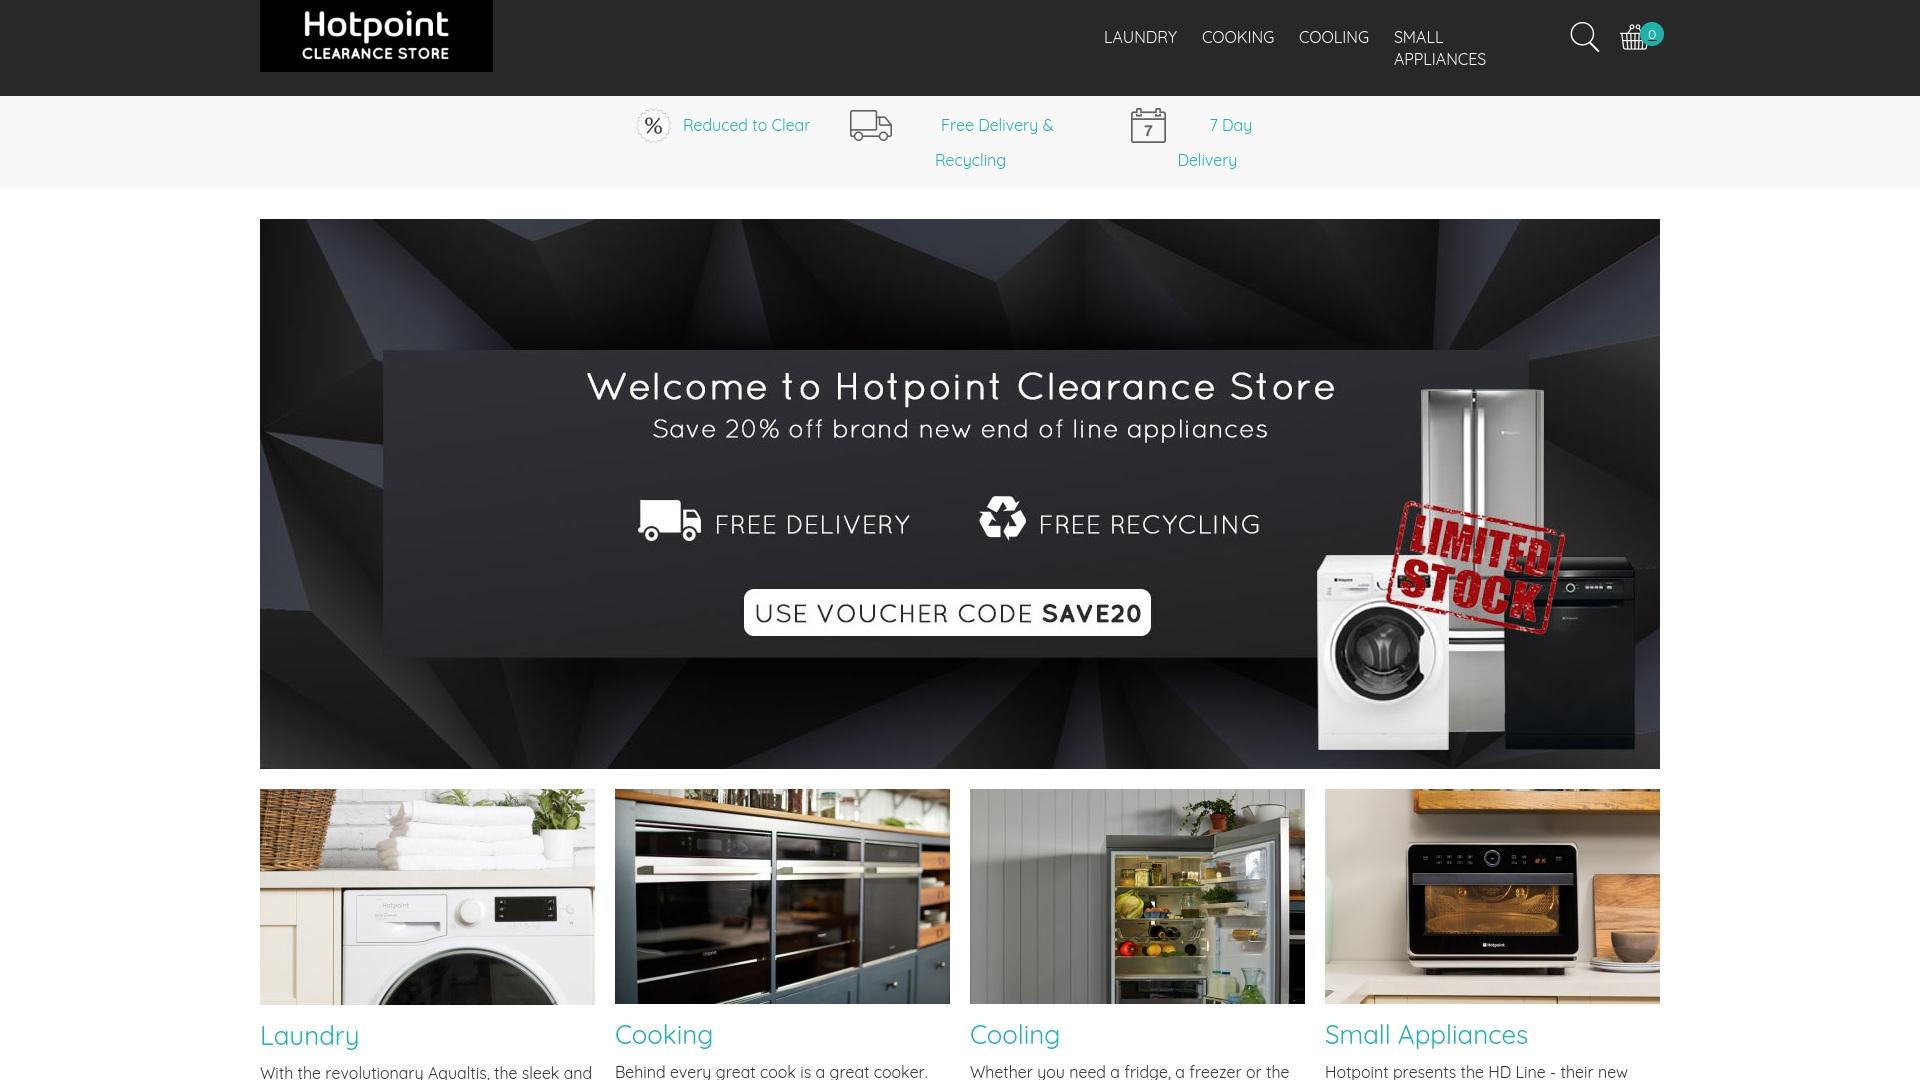 Gutschein für Hotpointclearance: Rabatte für  Hotpointclearance sichern